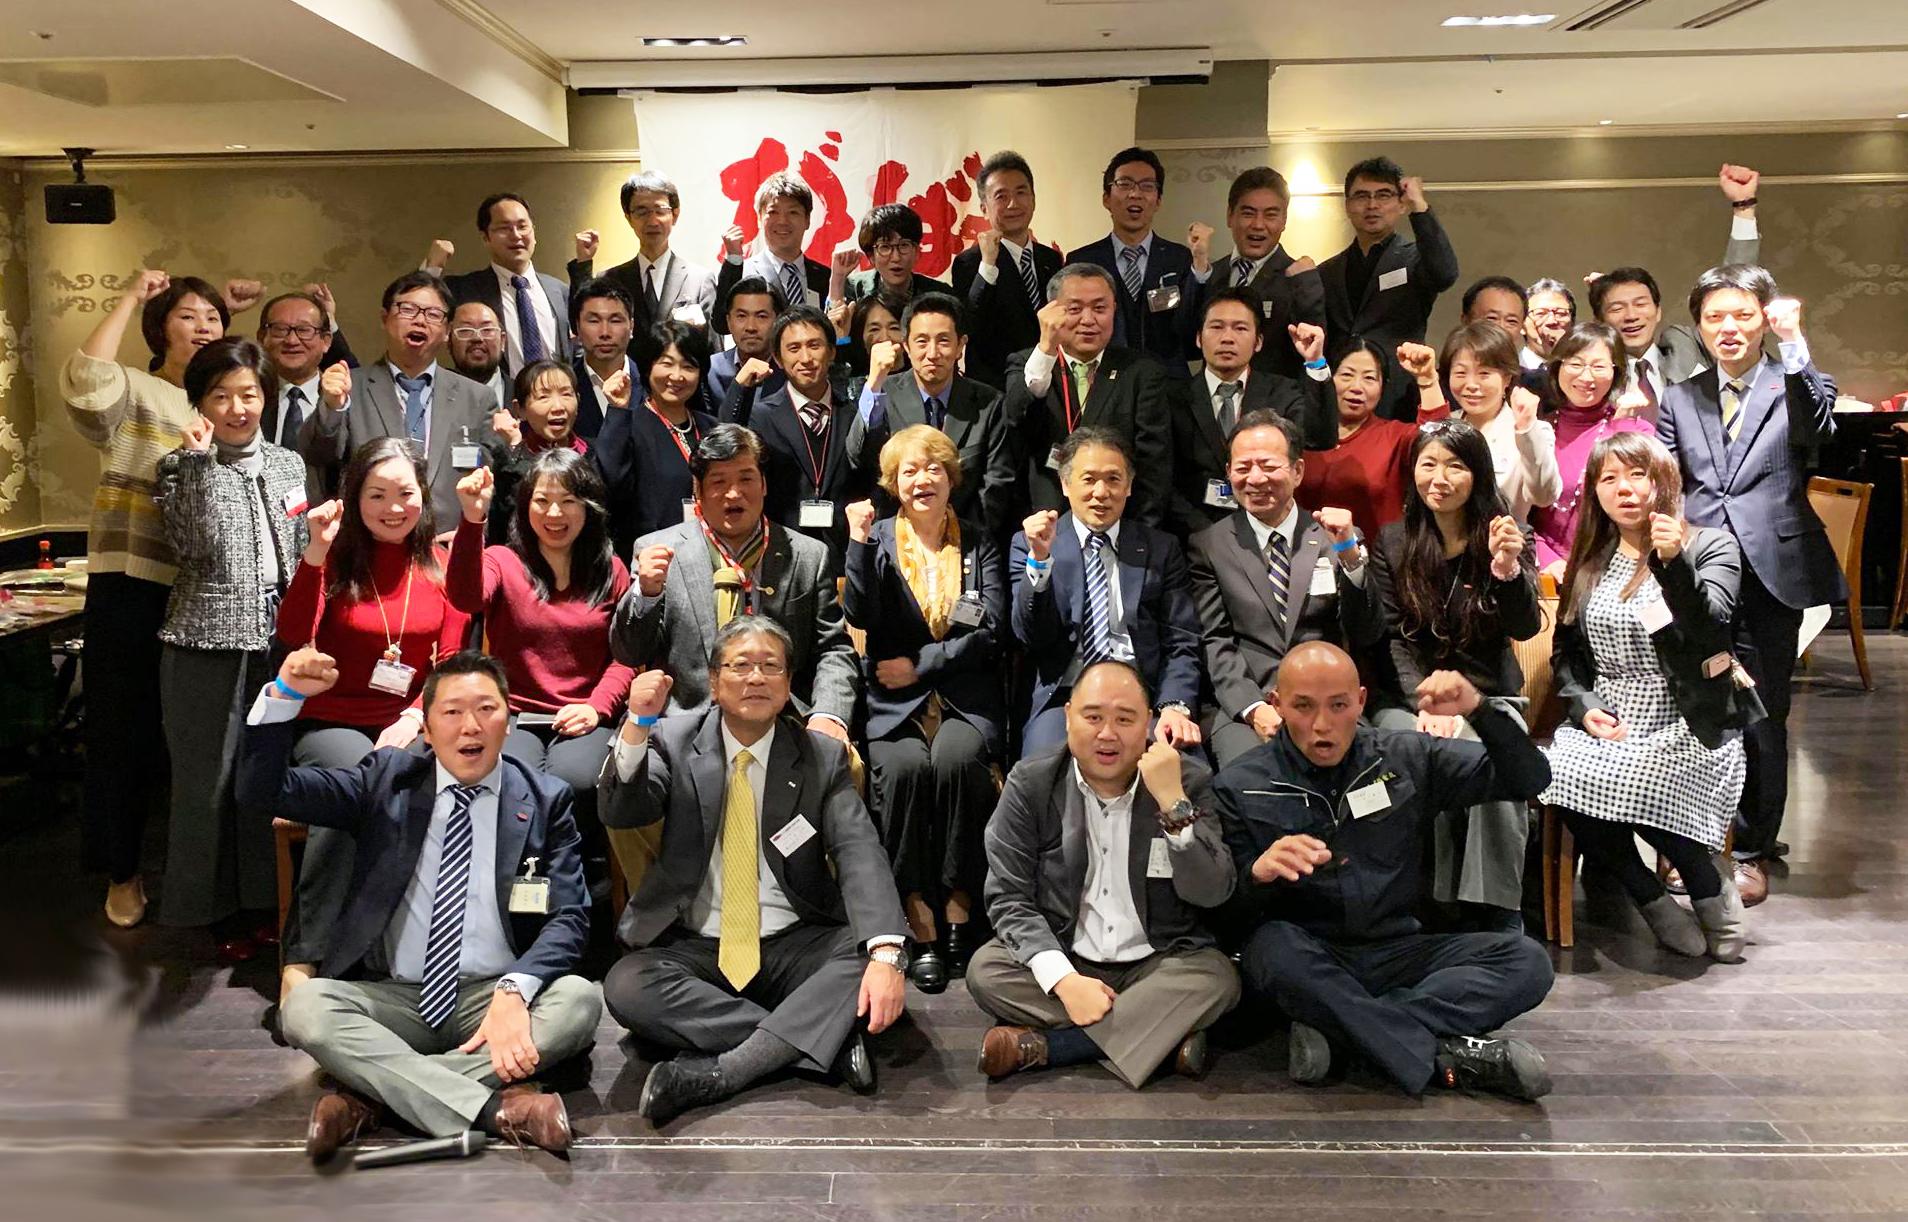 横浜交流会イベント・みなとみらい異業種交流会・守成クラブ横浜会場